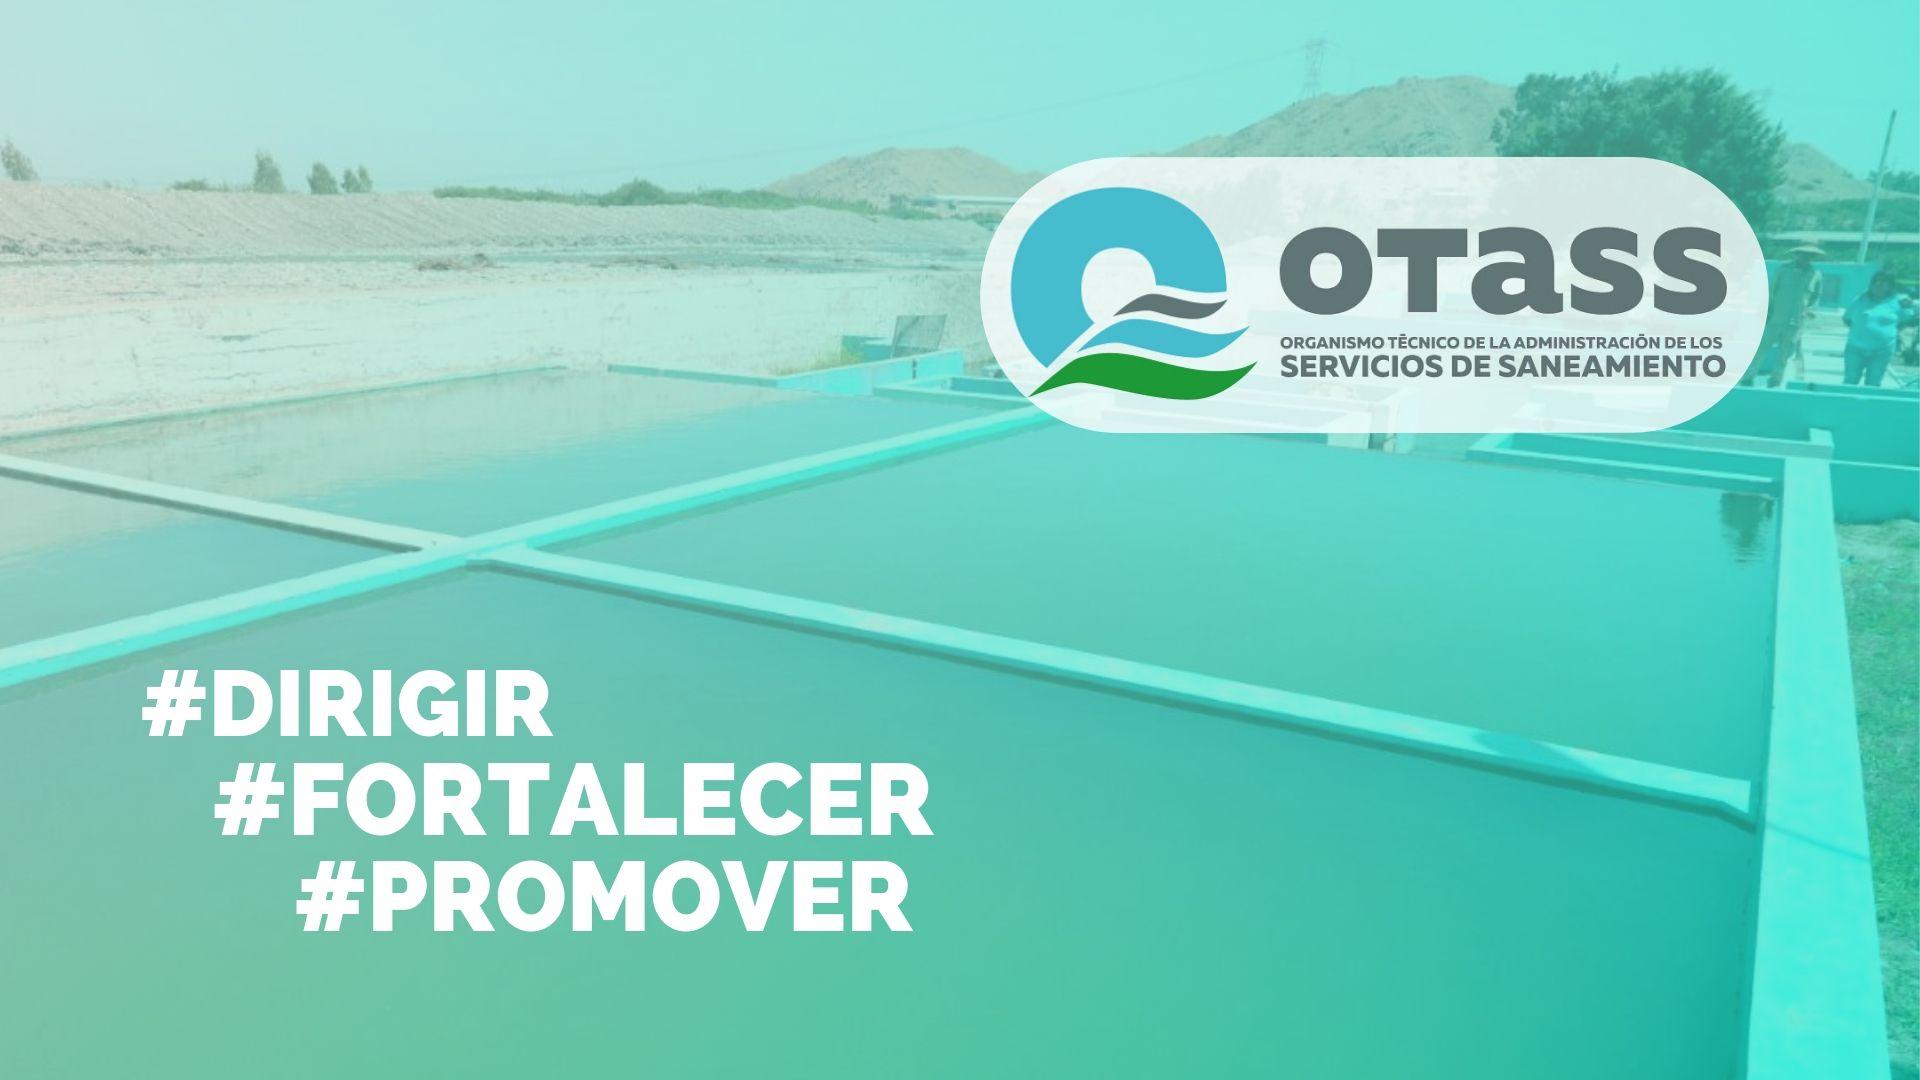 Objetivos de OTASS en Perú